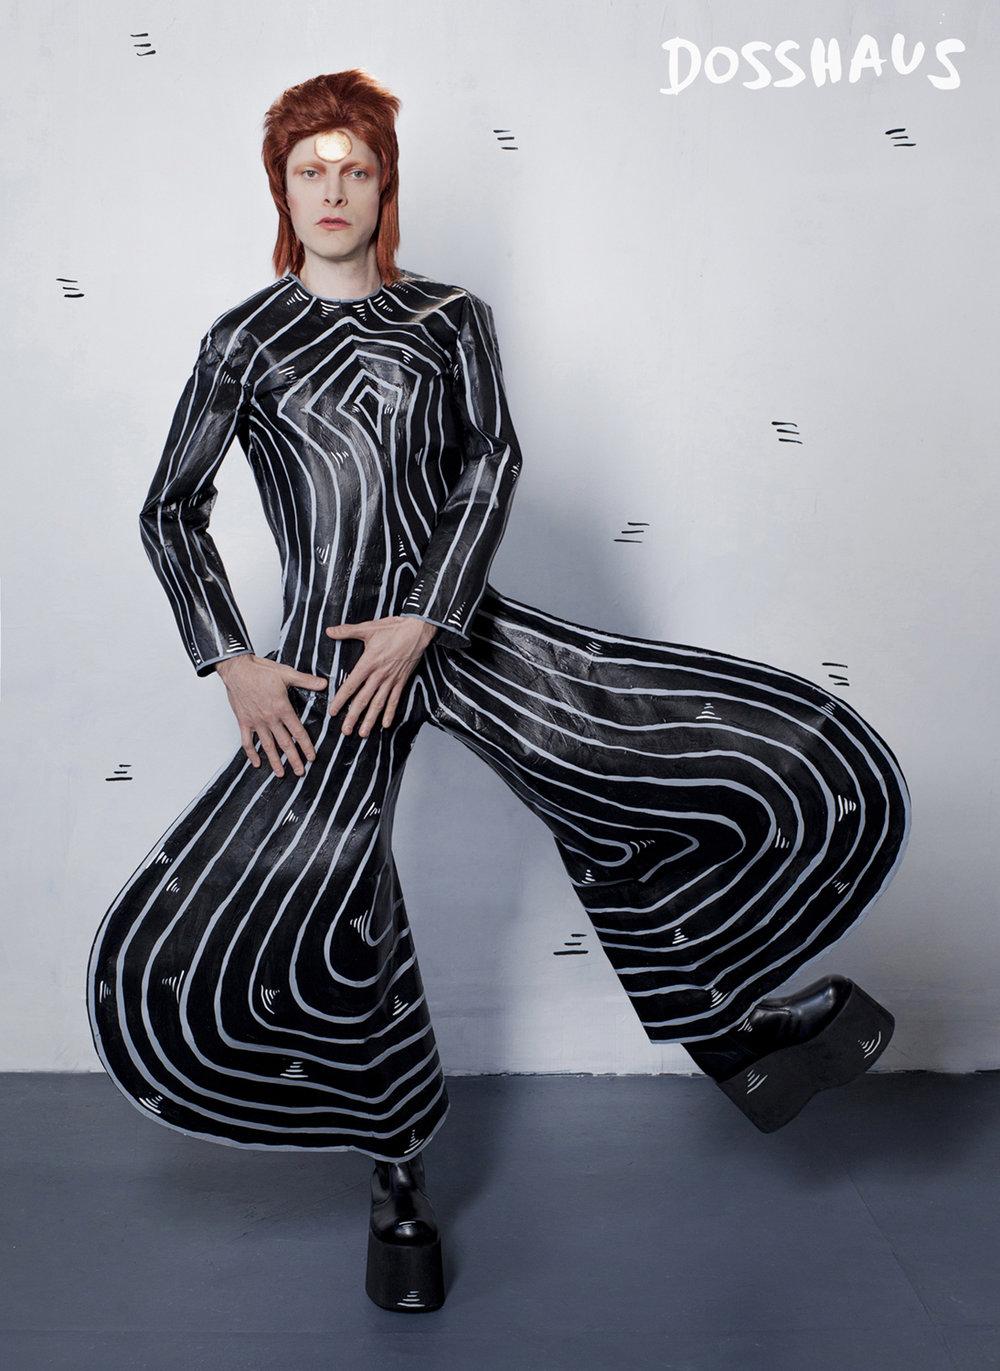 Watermarked Bowie Dosshaus 2.jpg